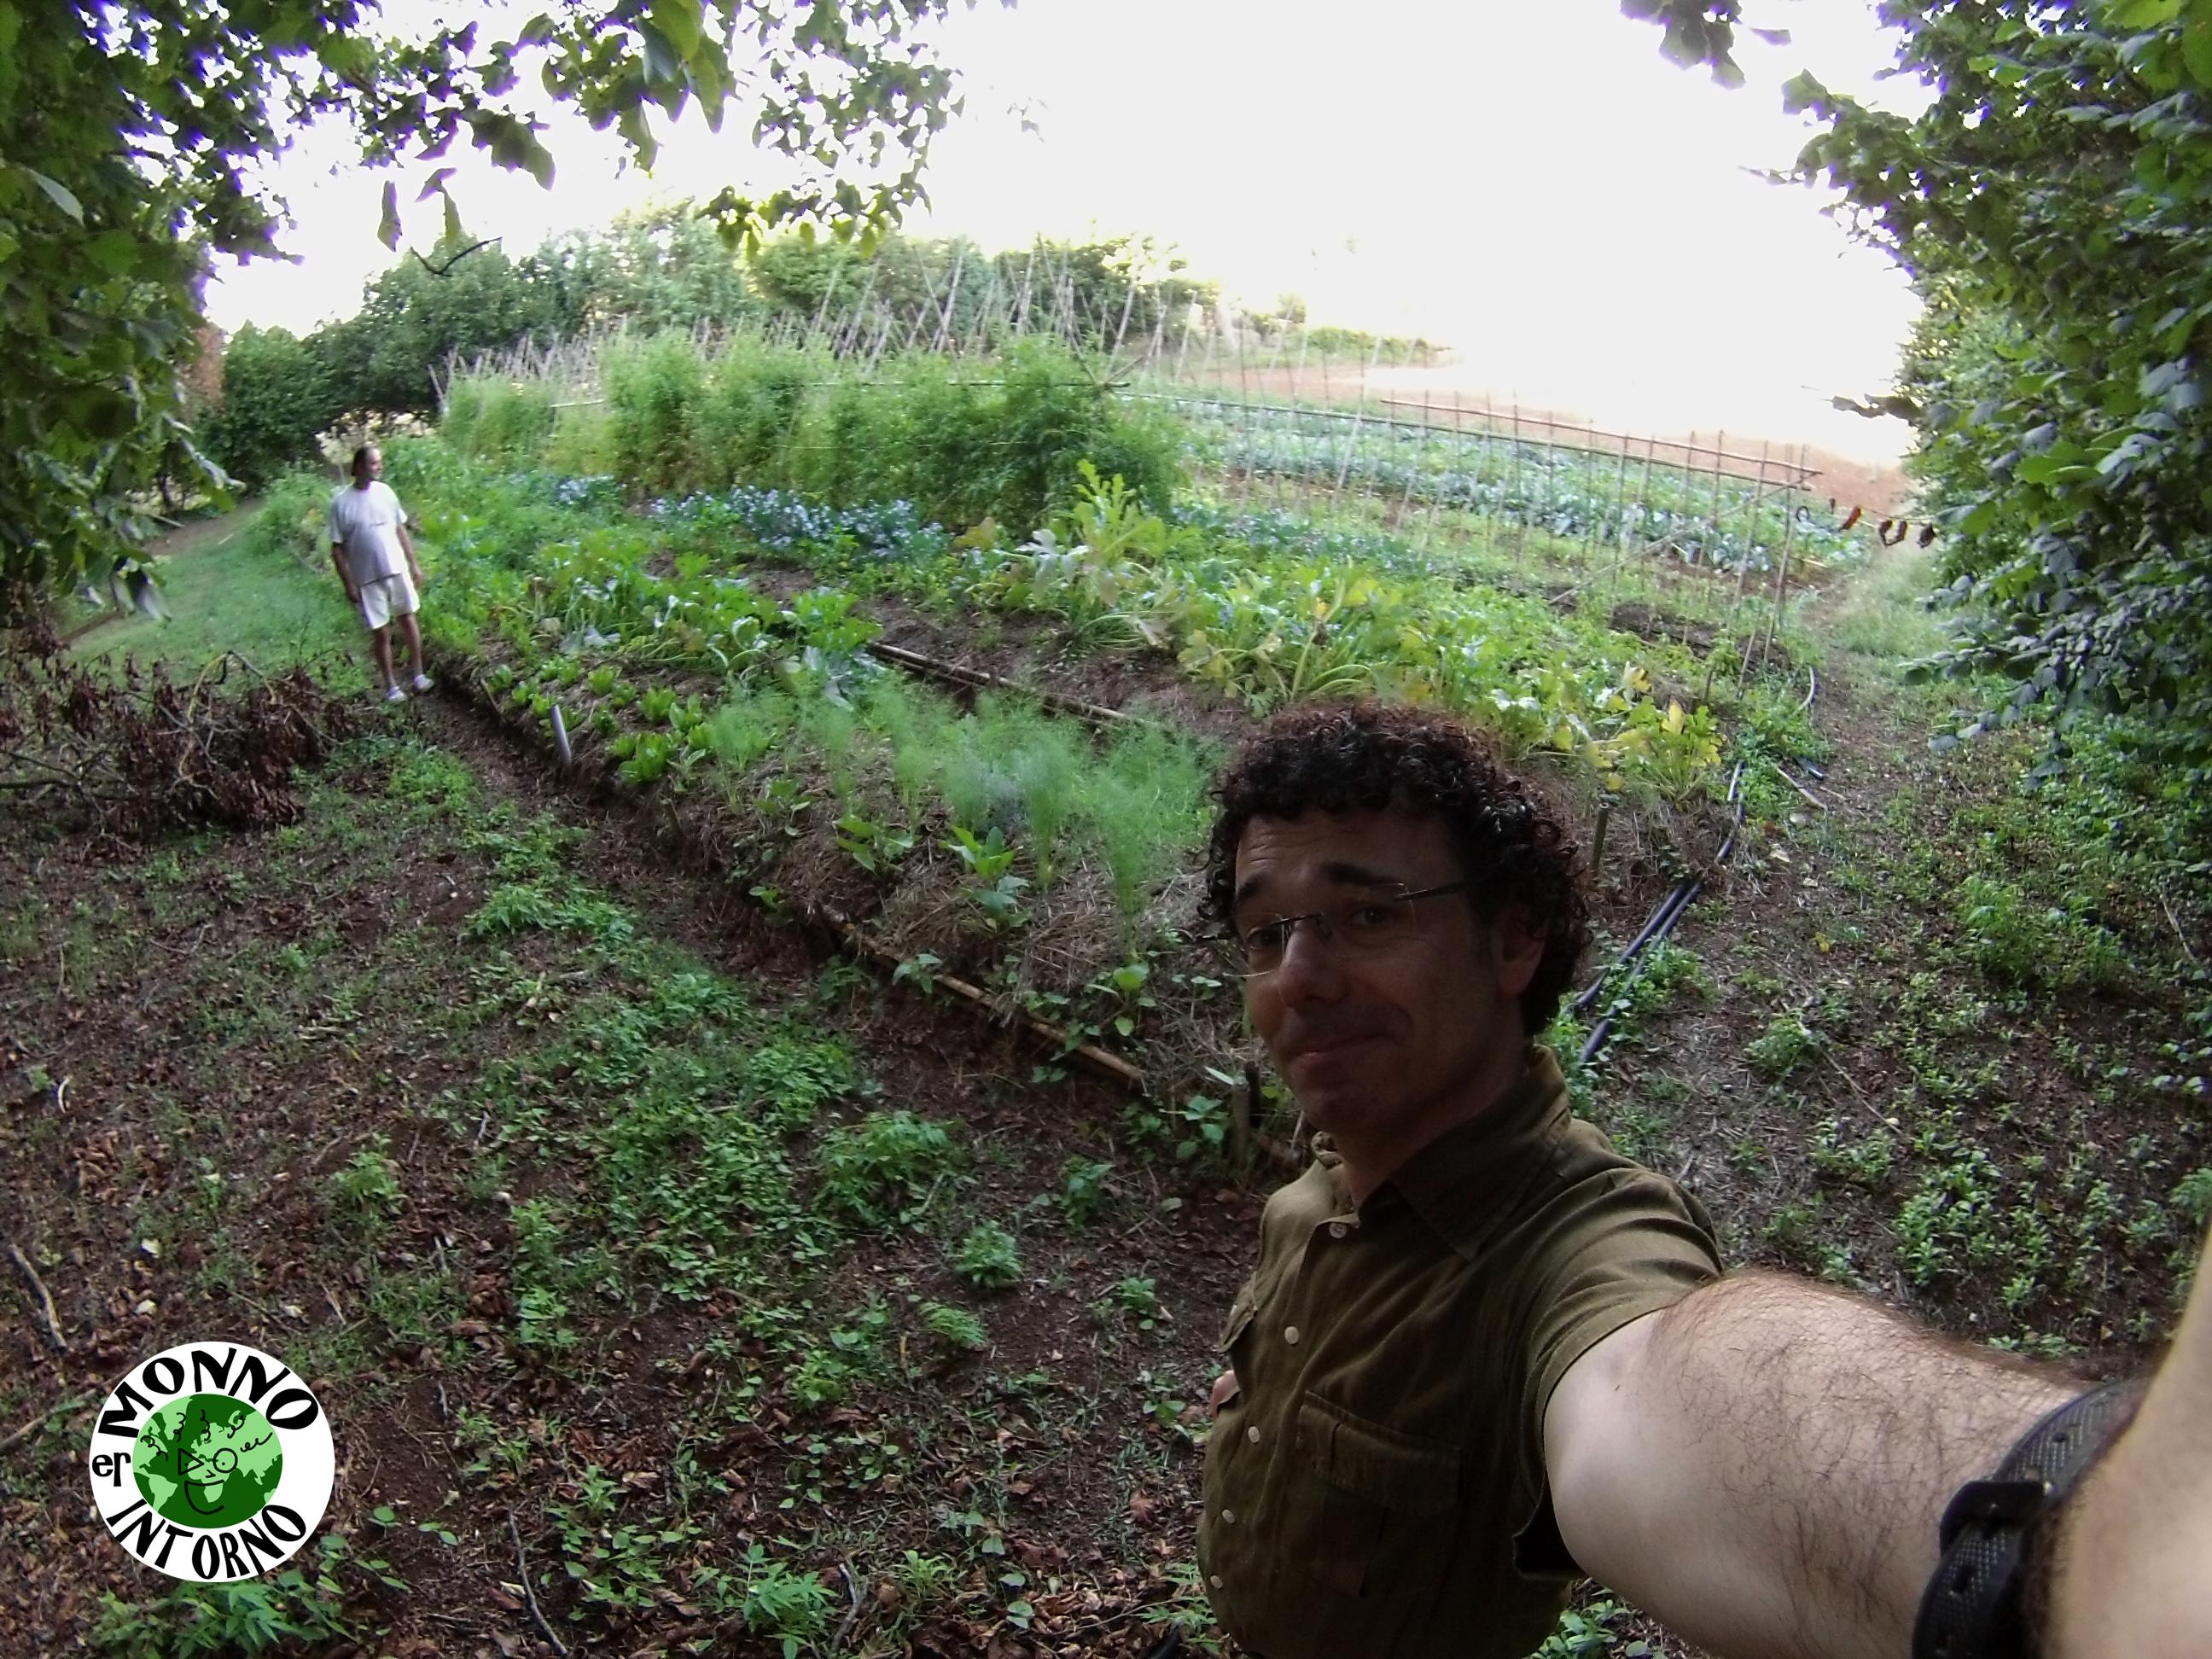 Er Monno intorno - Angelo Campanaro e il suo orto biologico